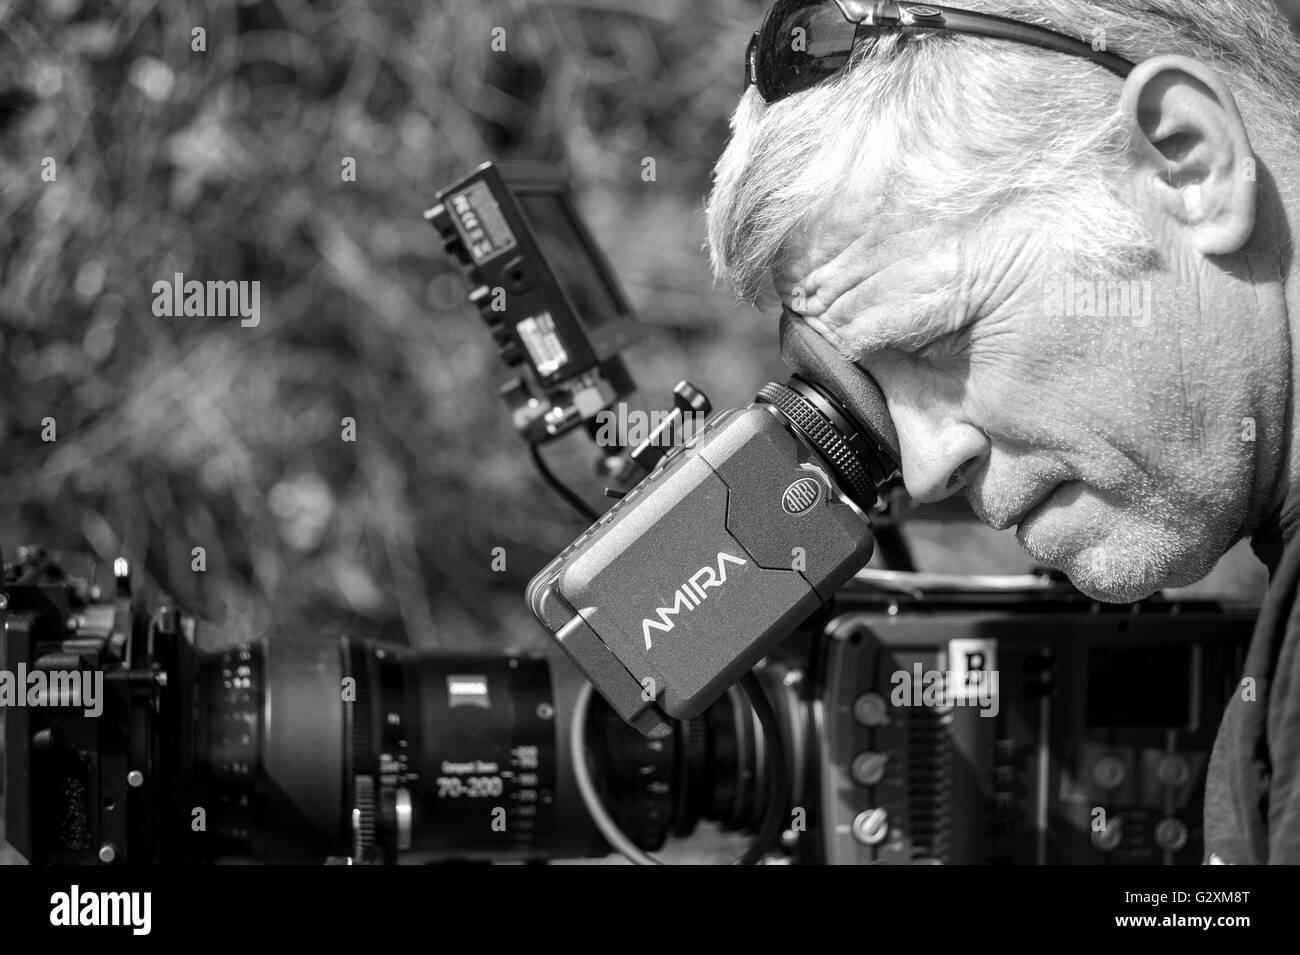 Tom, DP Rahmung auf das Shooting. Arbeiten mit der Amira-Video ...